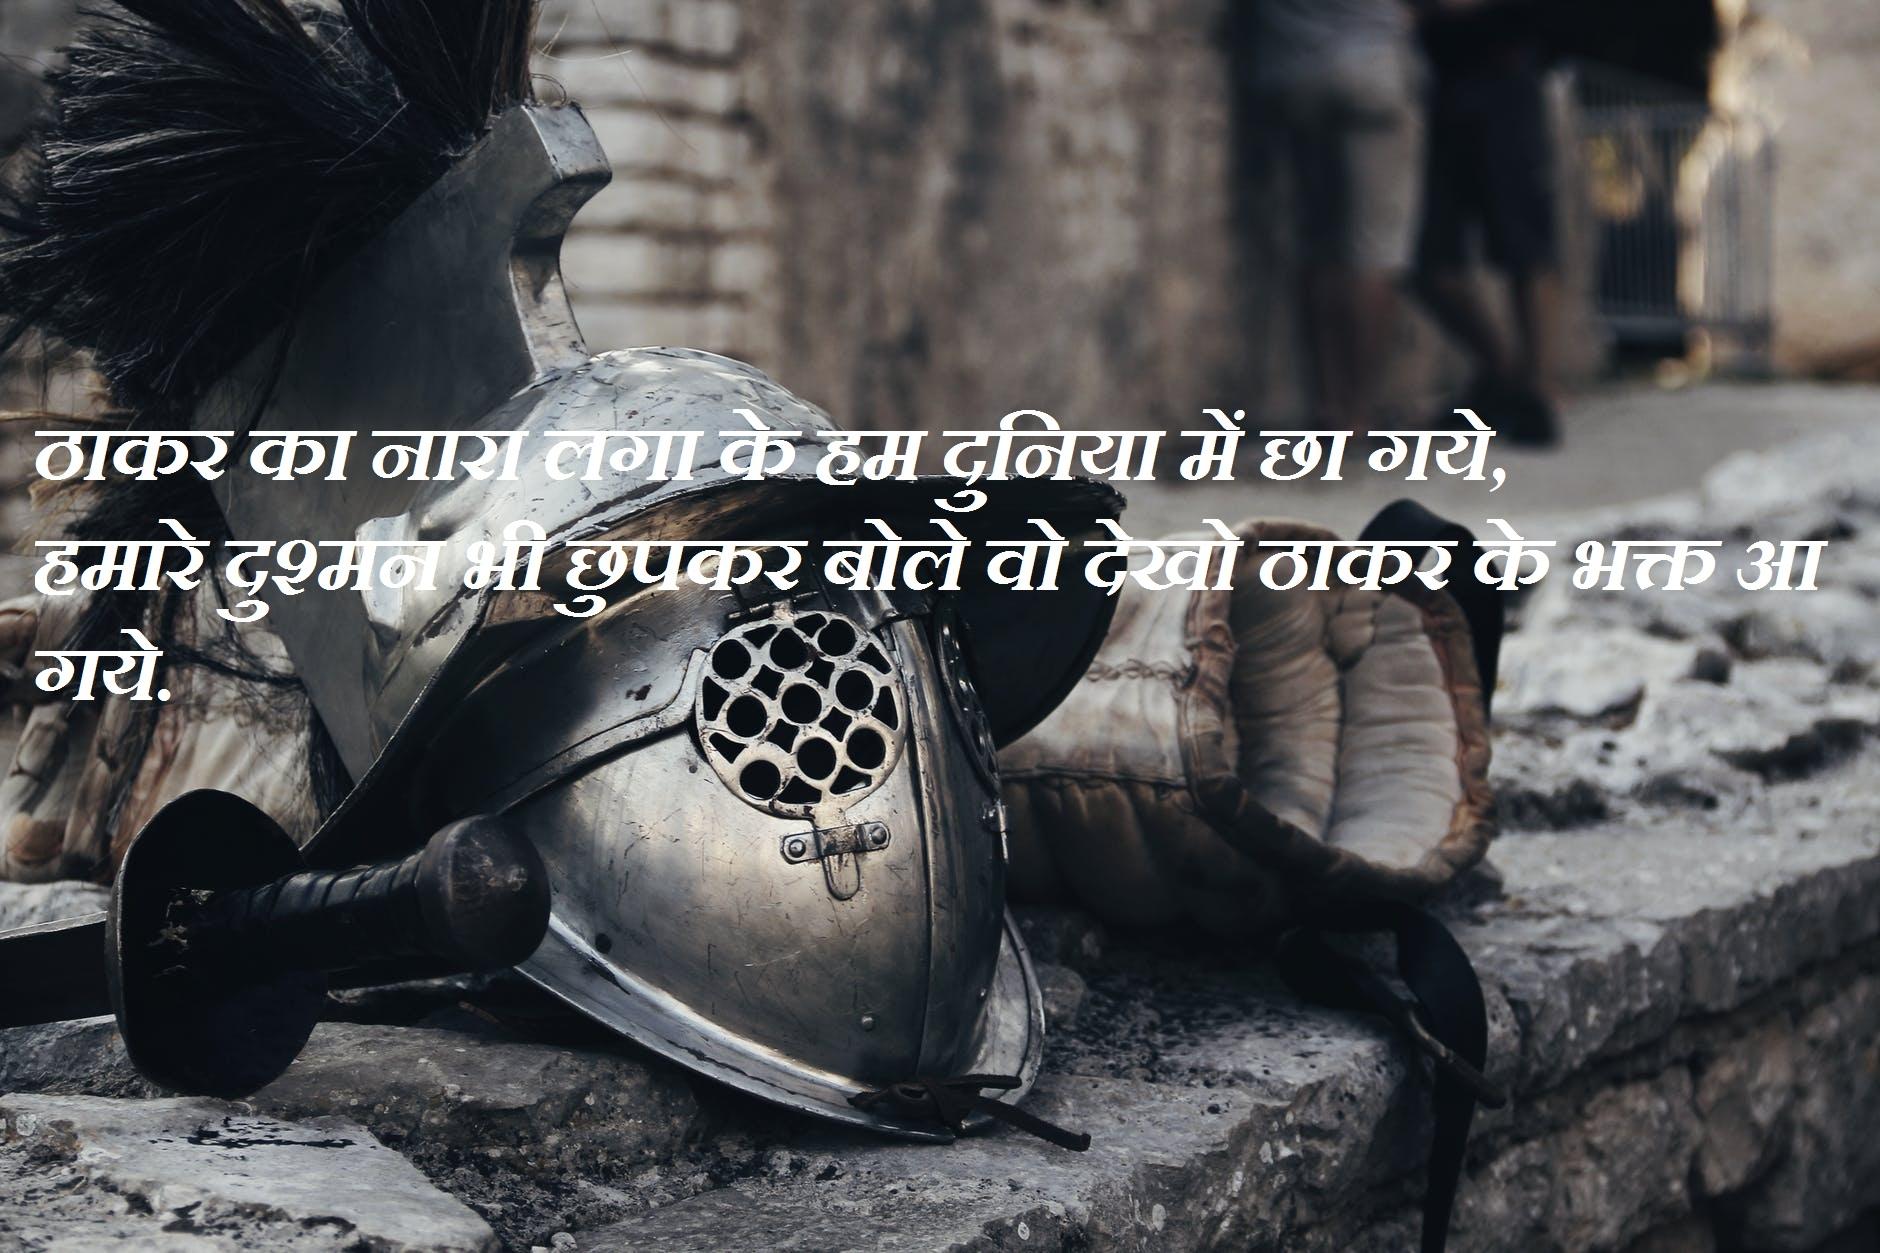 Thakur Quotes